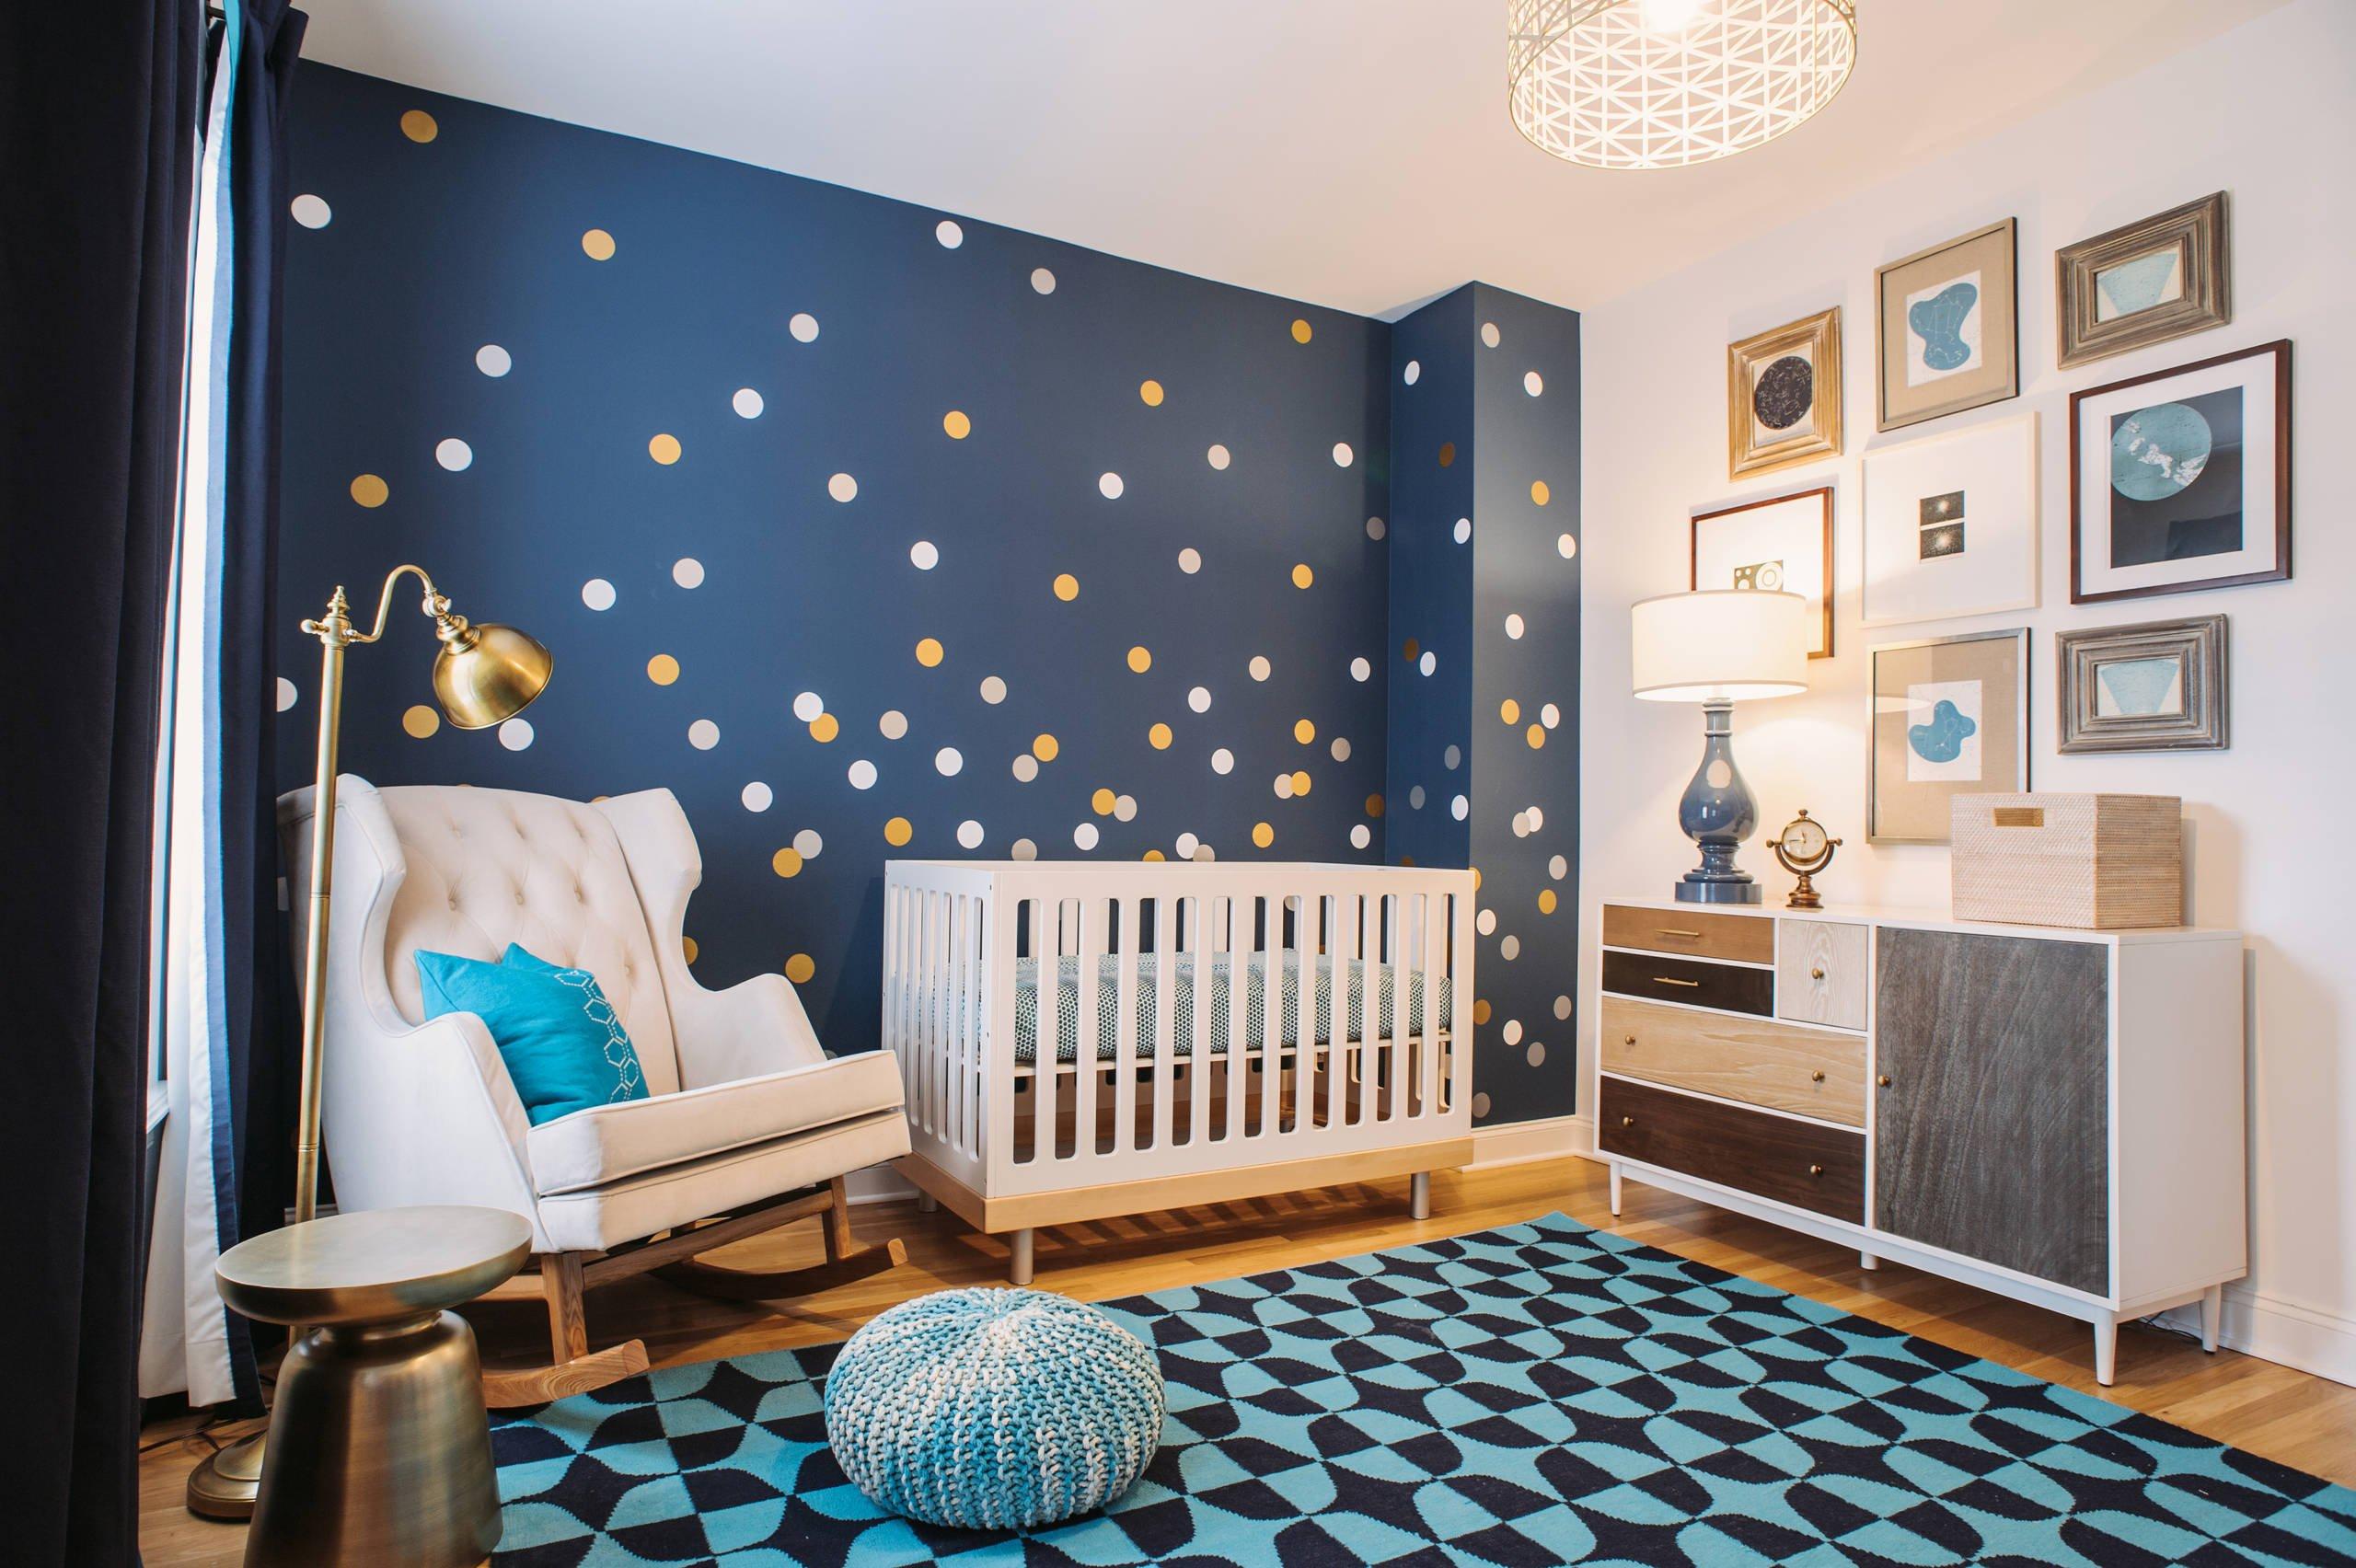 Tolle Streich Ideen für Kinderzimmer